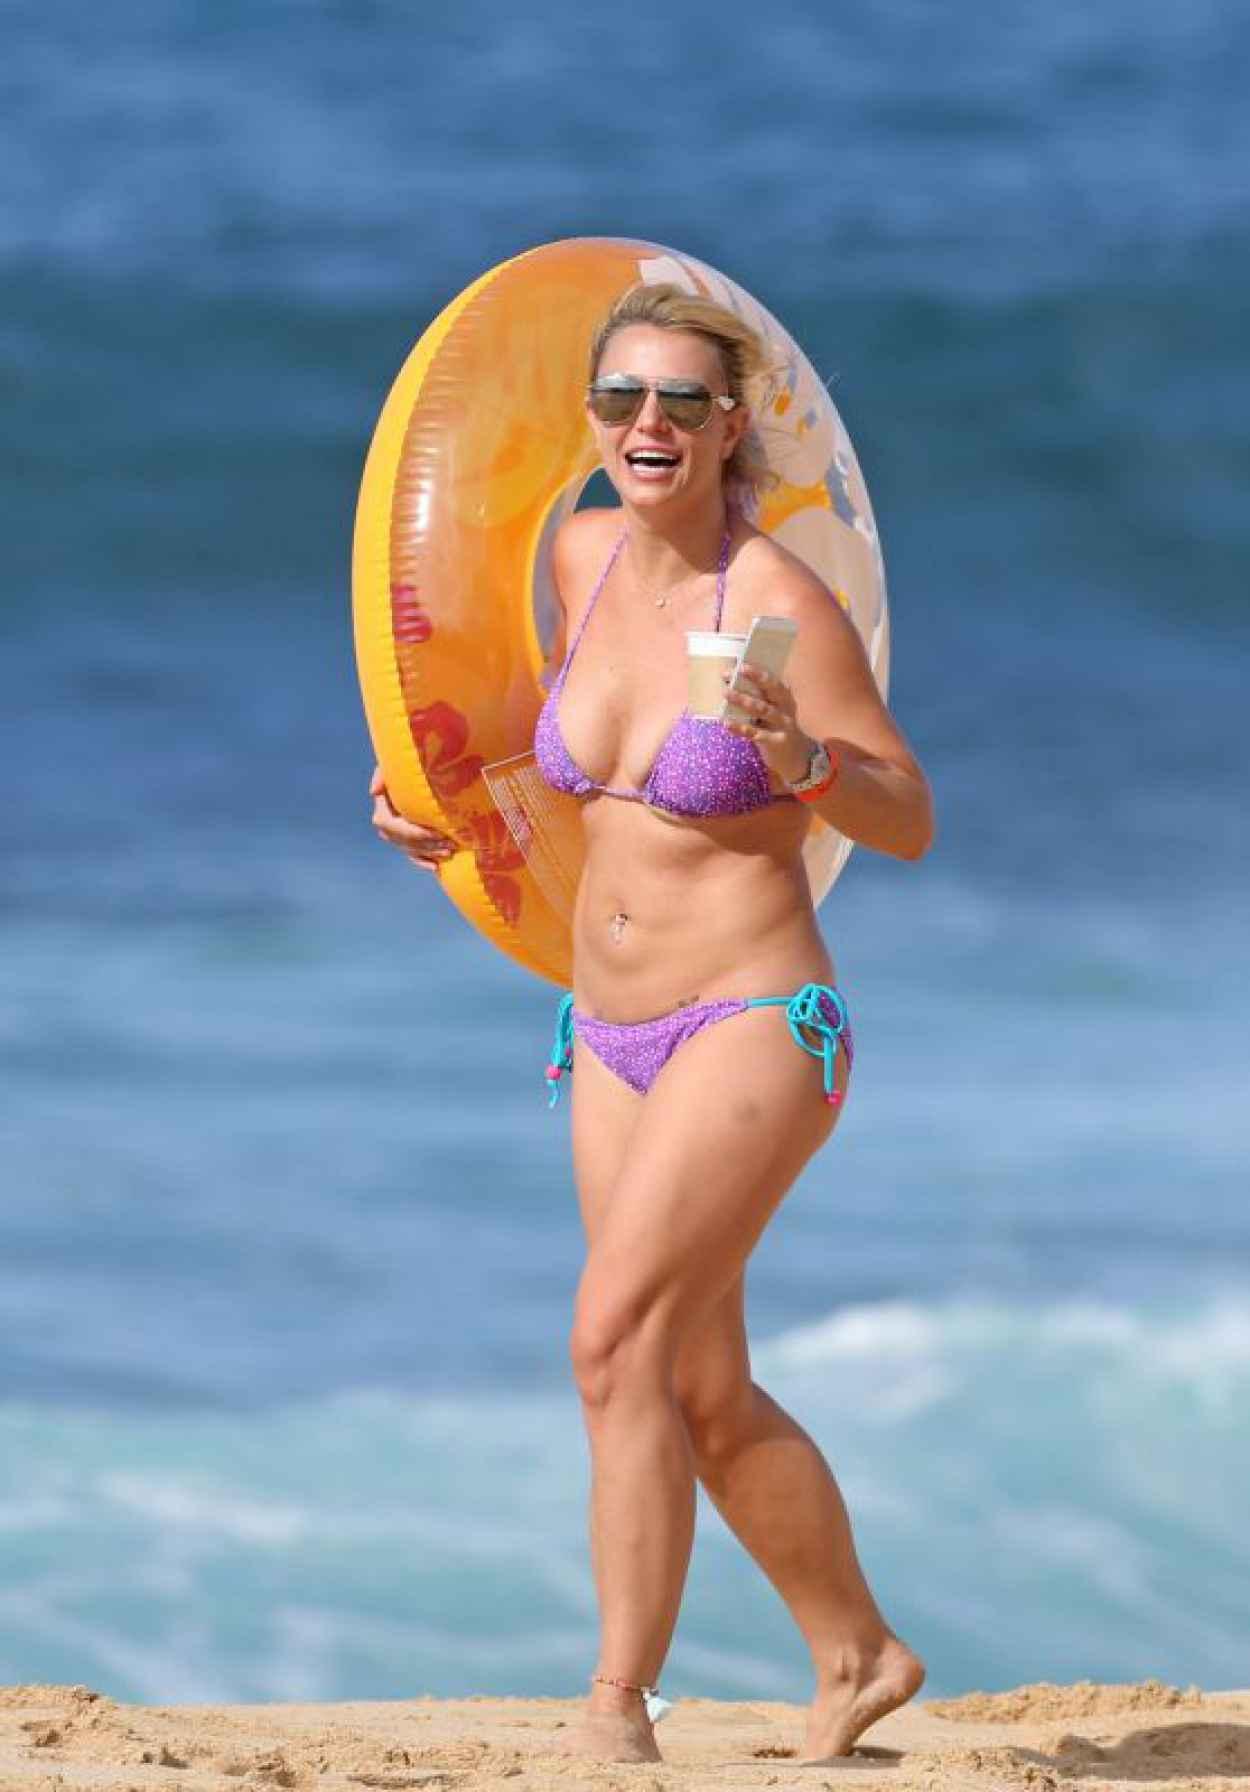 Britney Spears on a Beach in a Bikini in Hawaii, July 2015-1